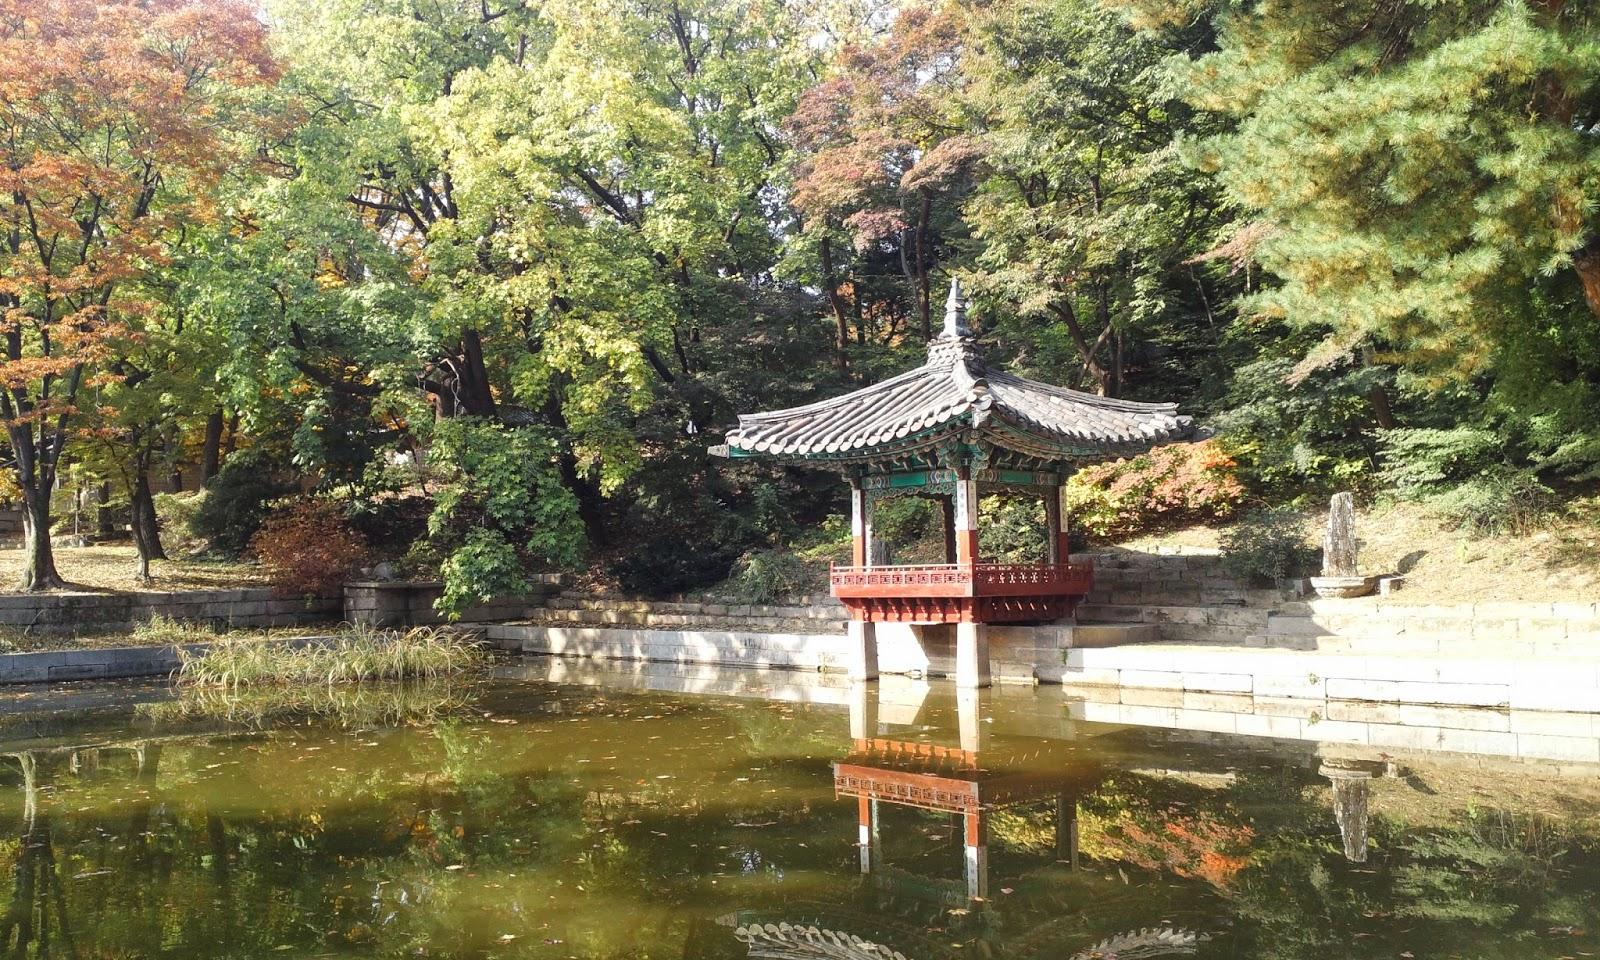 Oppa corea el jard n secreto en changdeokgung for El jardin secreto online